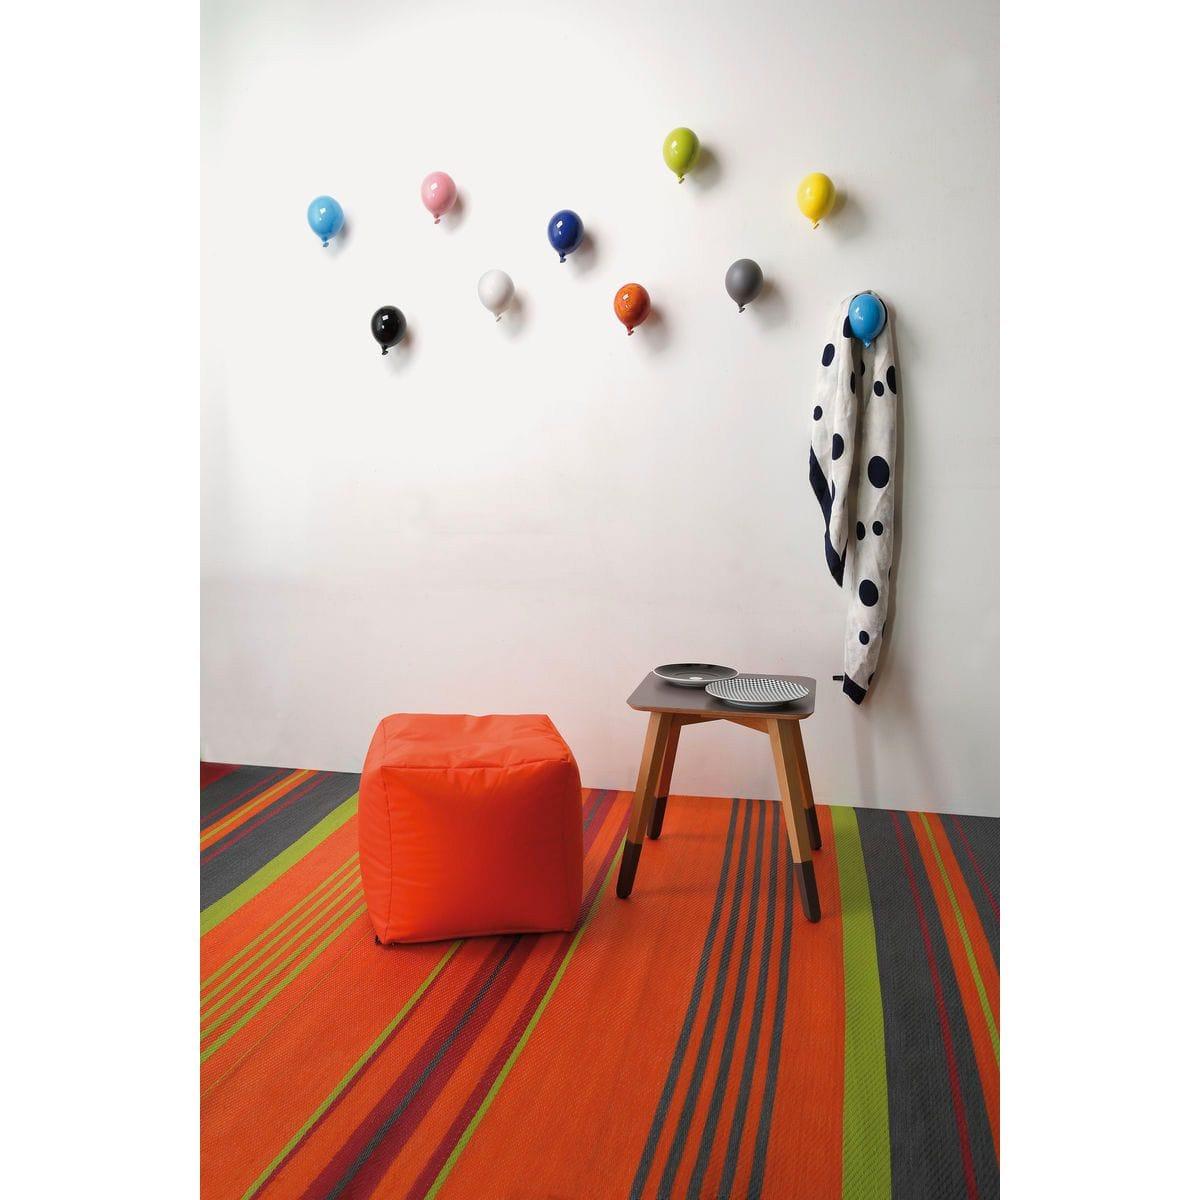 Palloncino in ceramica appendiabiti decorativo miniBalloon